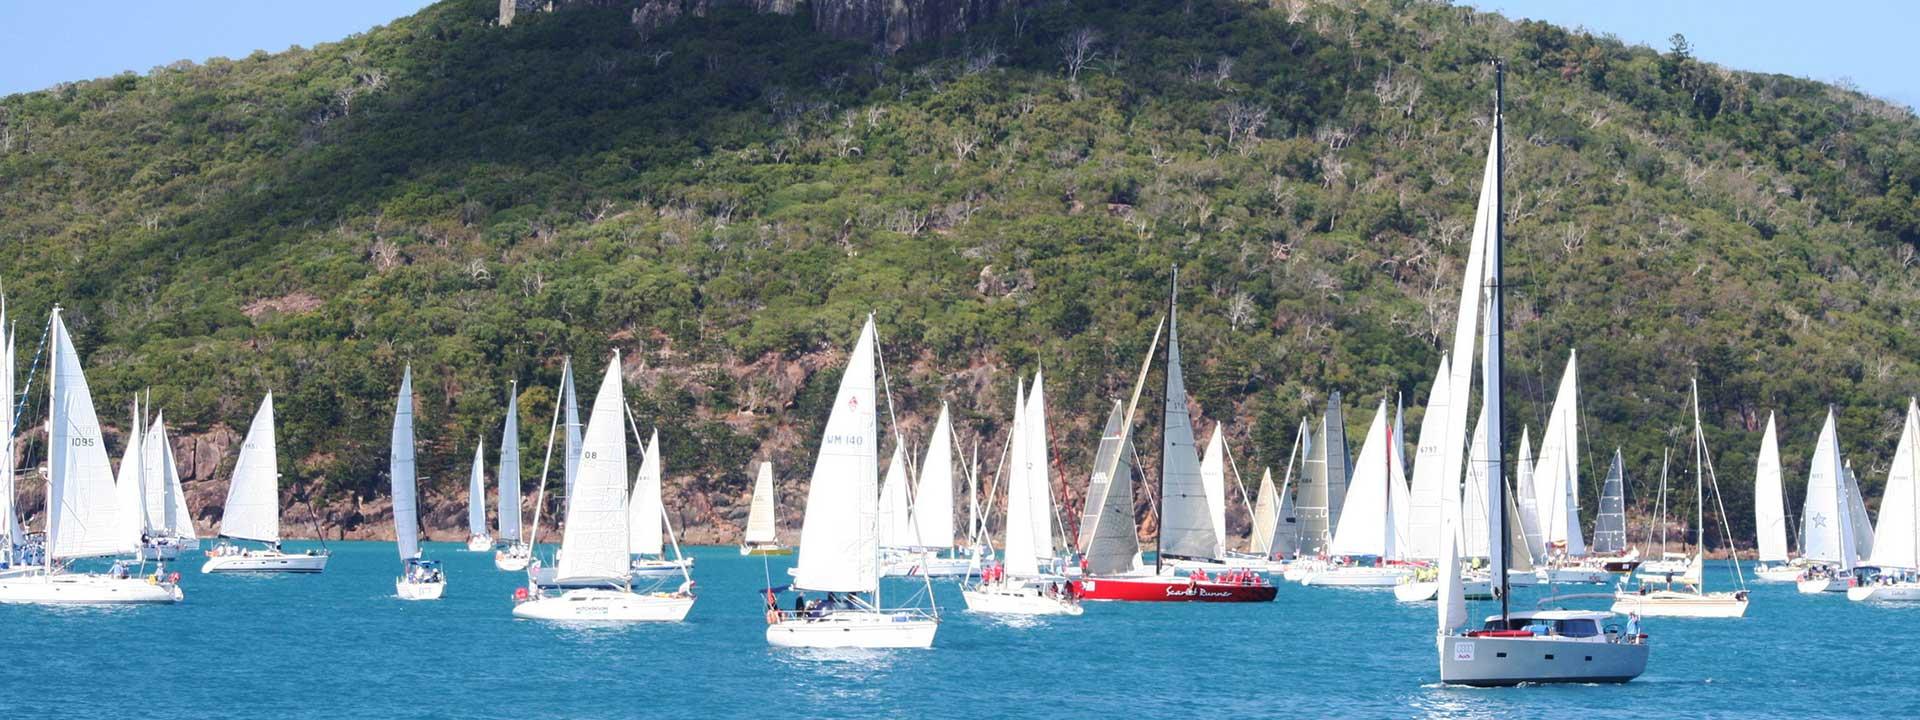 Spectate the Hamilton Island yacht races